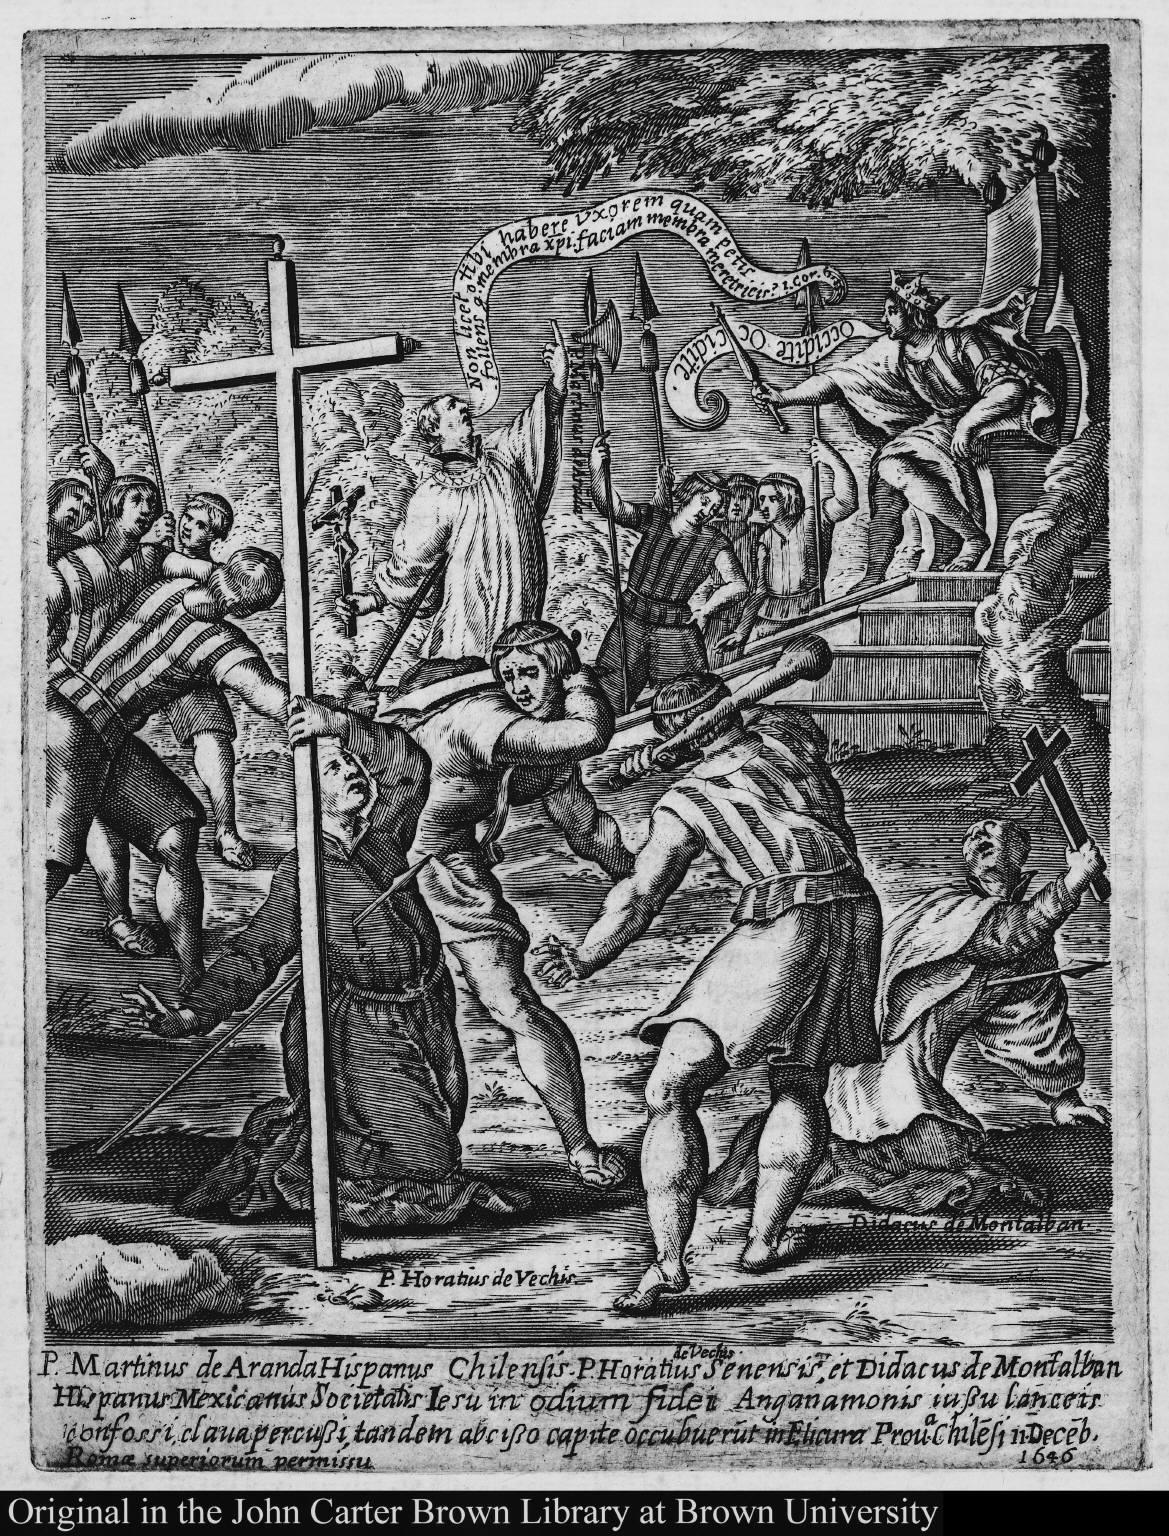 P. Martinus de Aranda Hispanus Chilensis P Horatius de Vechis Senens, et Didacus de Montalban Hispanis Mexicanus Societatis Iesu ...11 Deceb. 1646